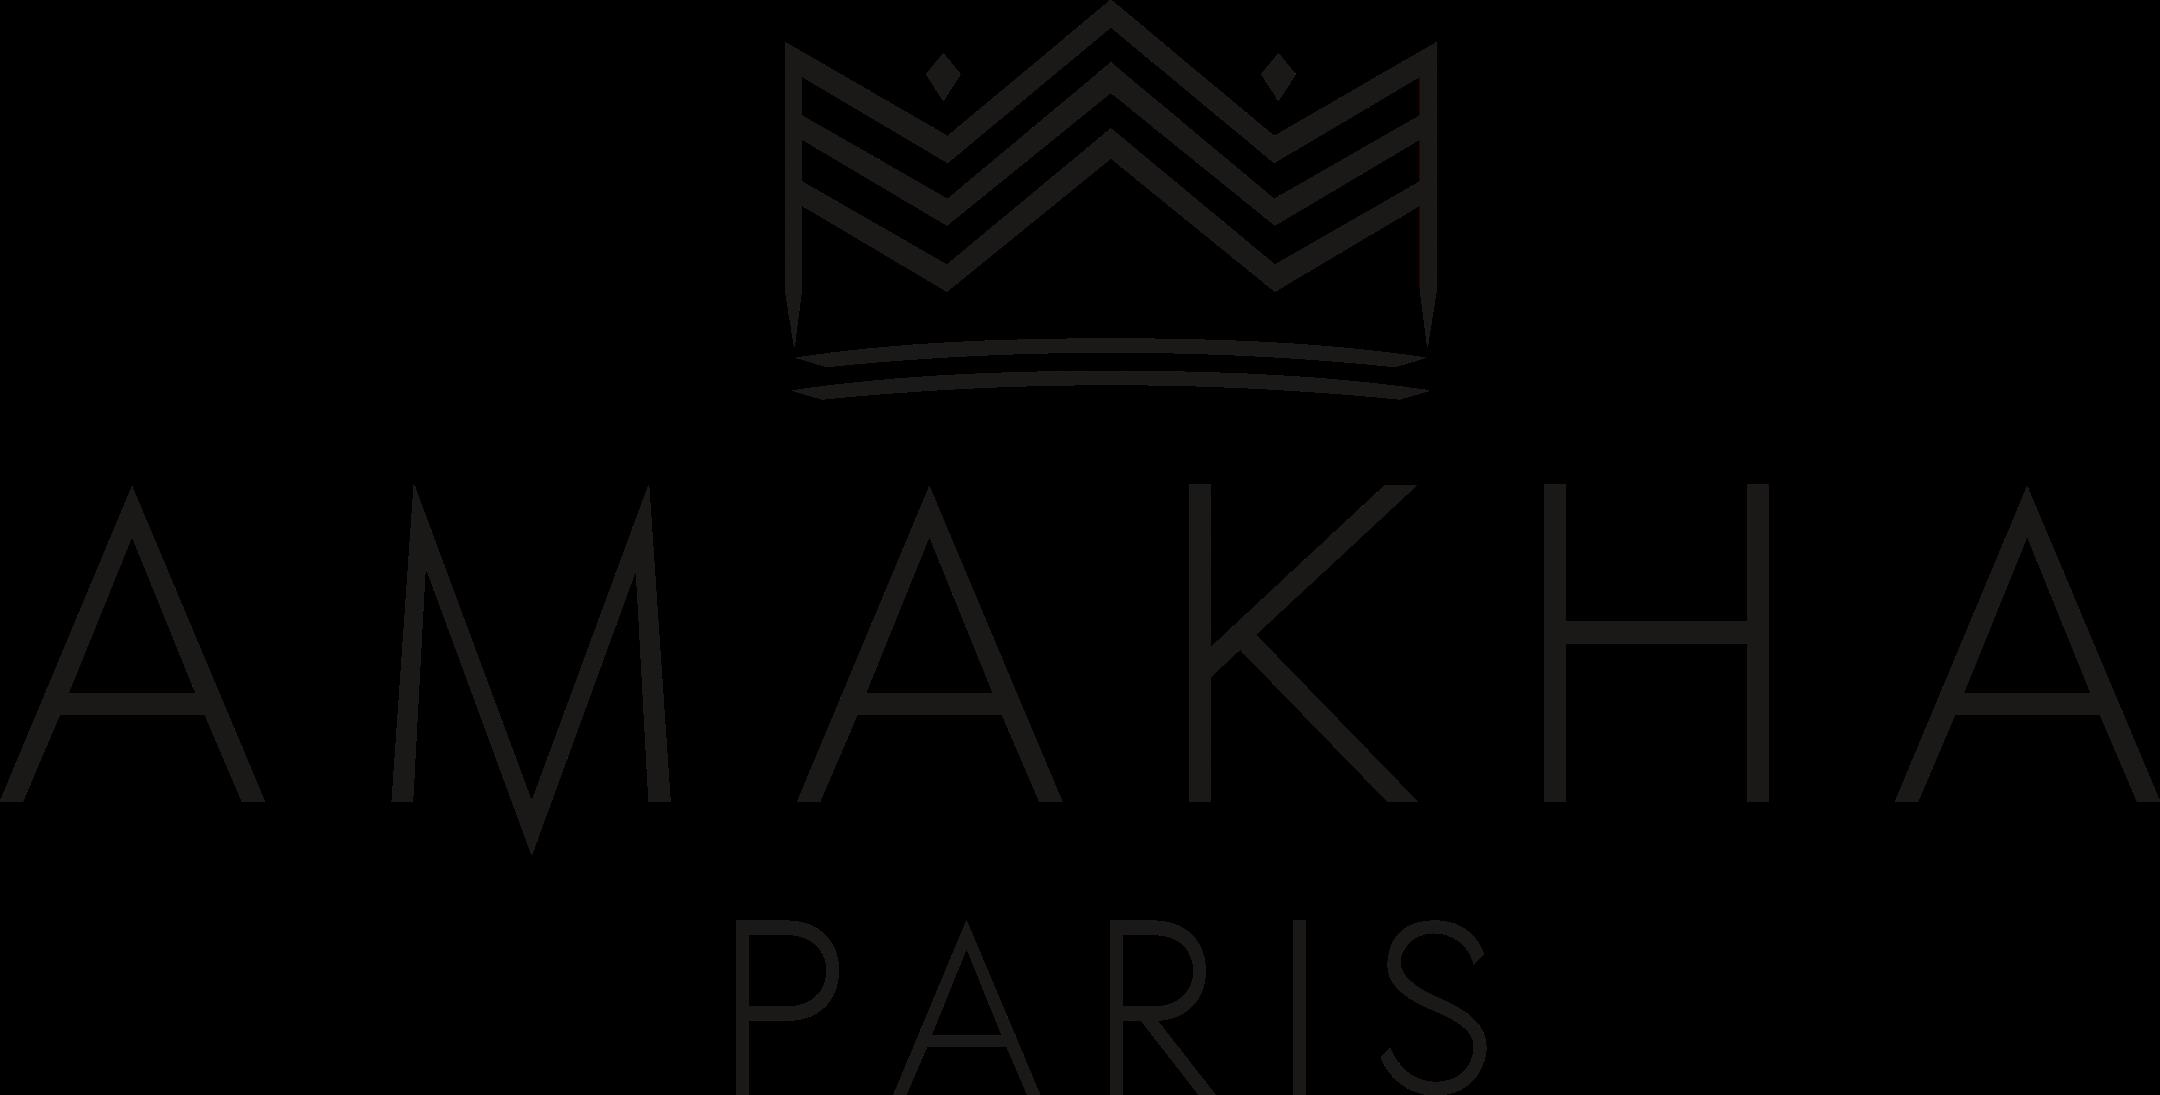 amakha paris logo 1 - Amakha Paris Logo